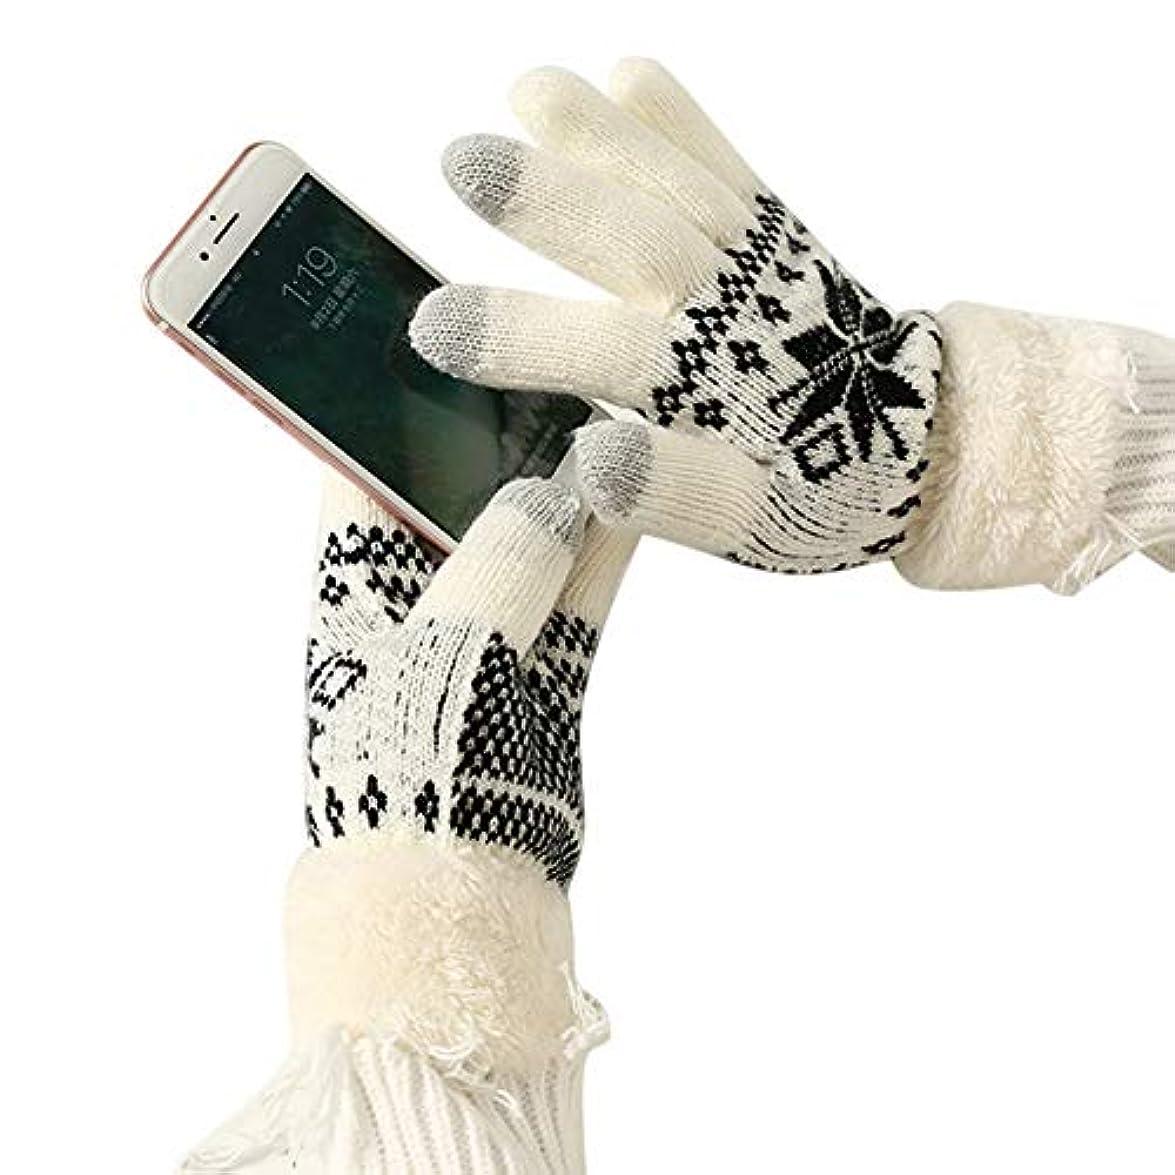 自我異なるツインTengfly Women Touchscreen Gloves, Winter Warm Knit Gloves,Soft Extra-Warm Fleece Touchscreen Gloves,Snow Flower...